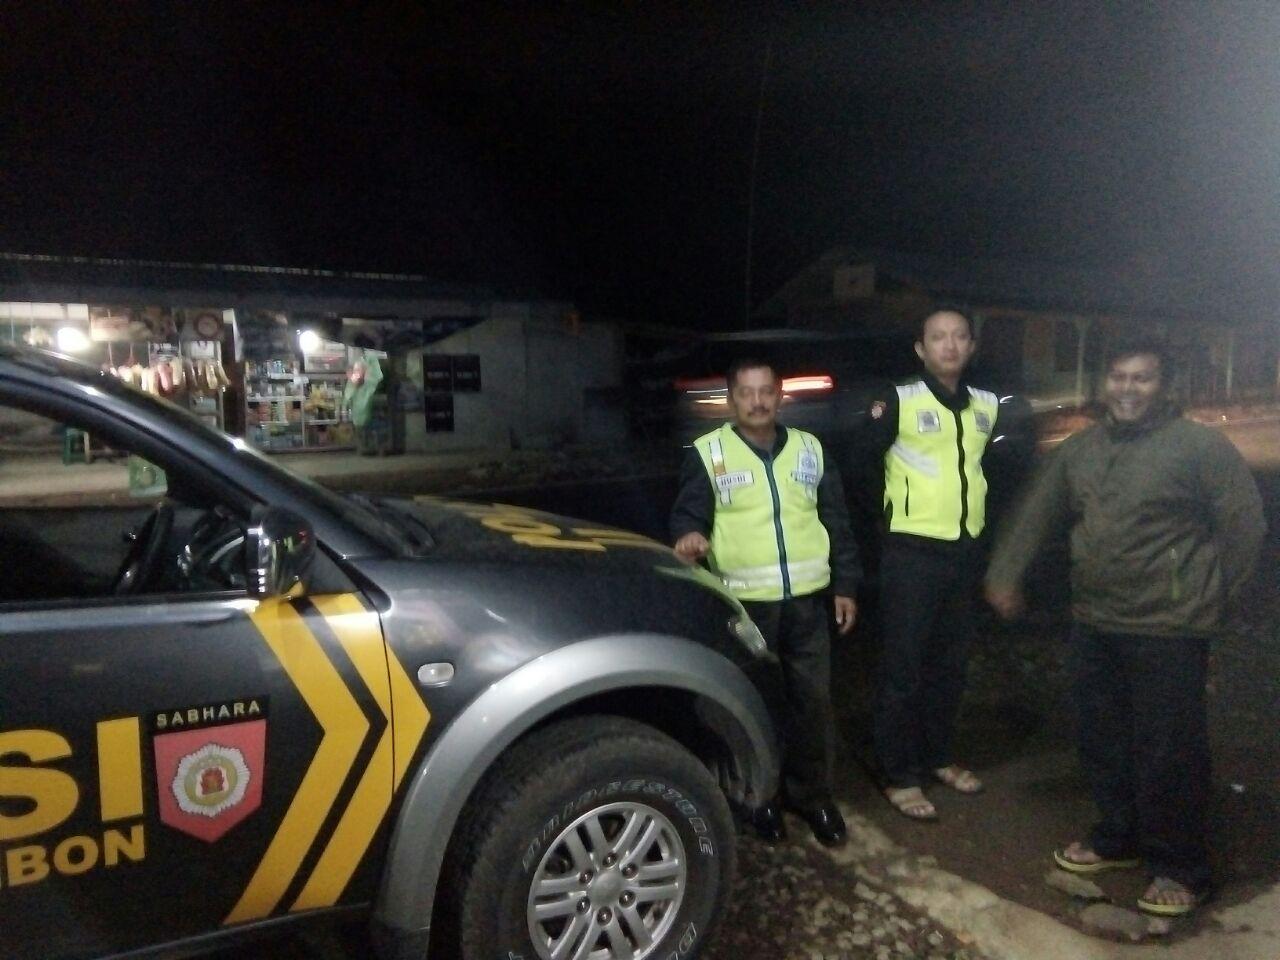 Kanit Sabhara Polsek Kasembon Polres Batu Laksanakan Patroli Wilayah